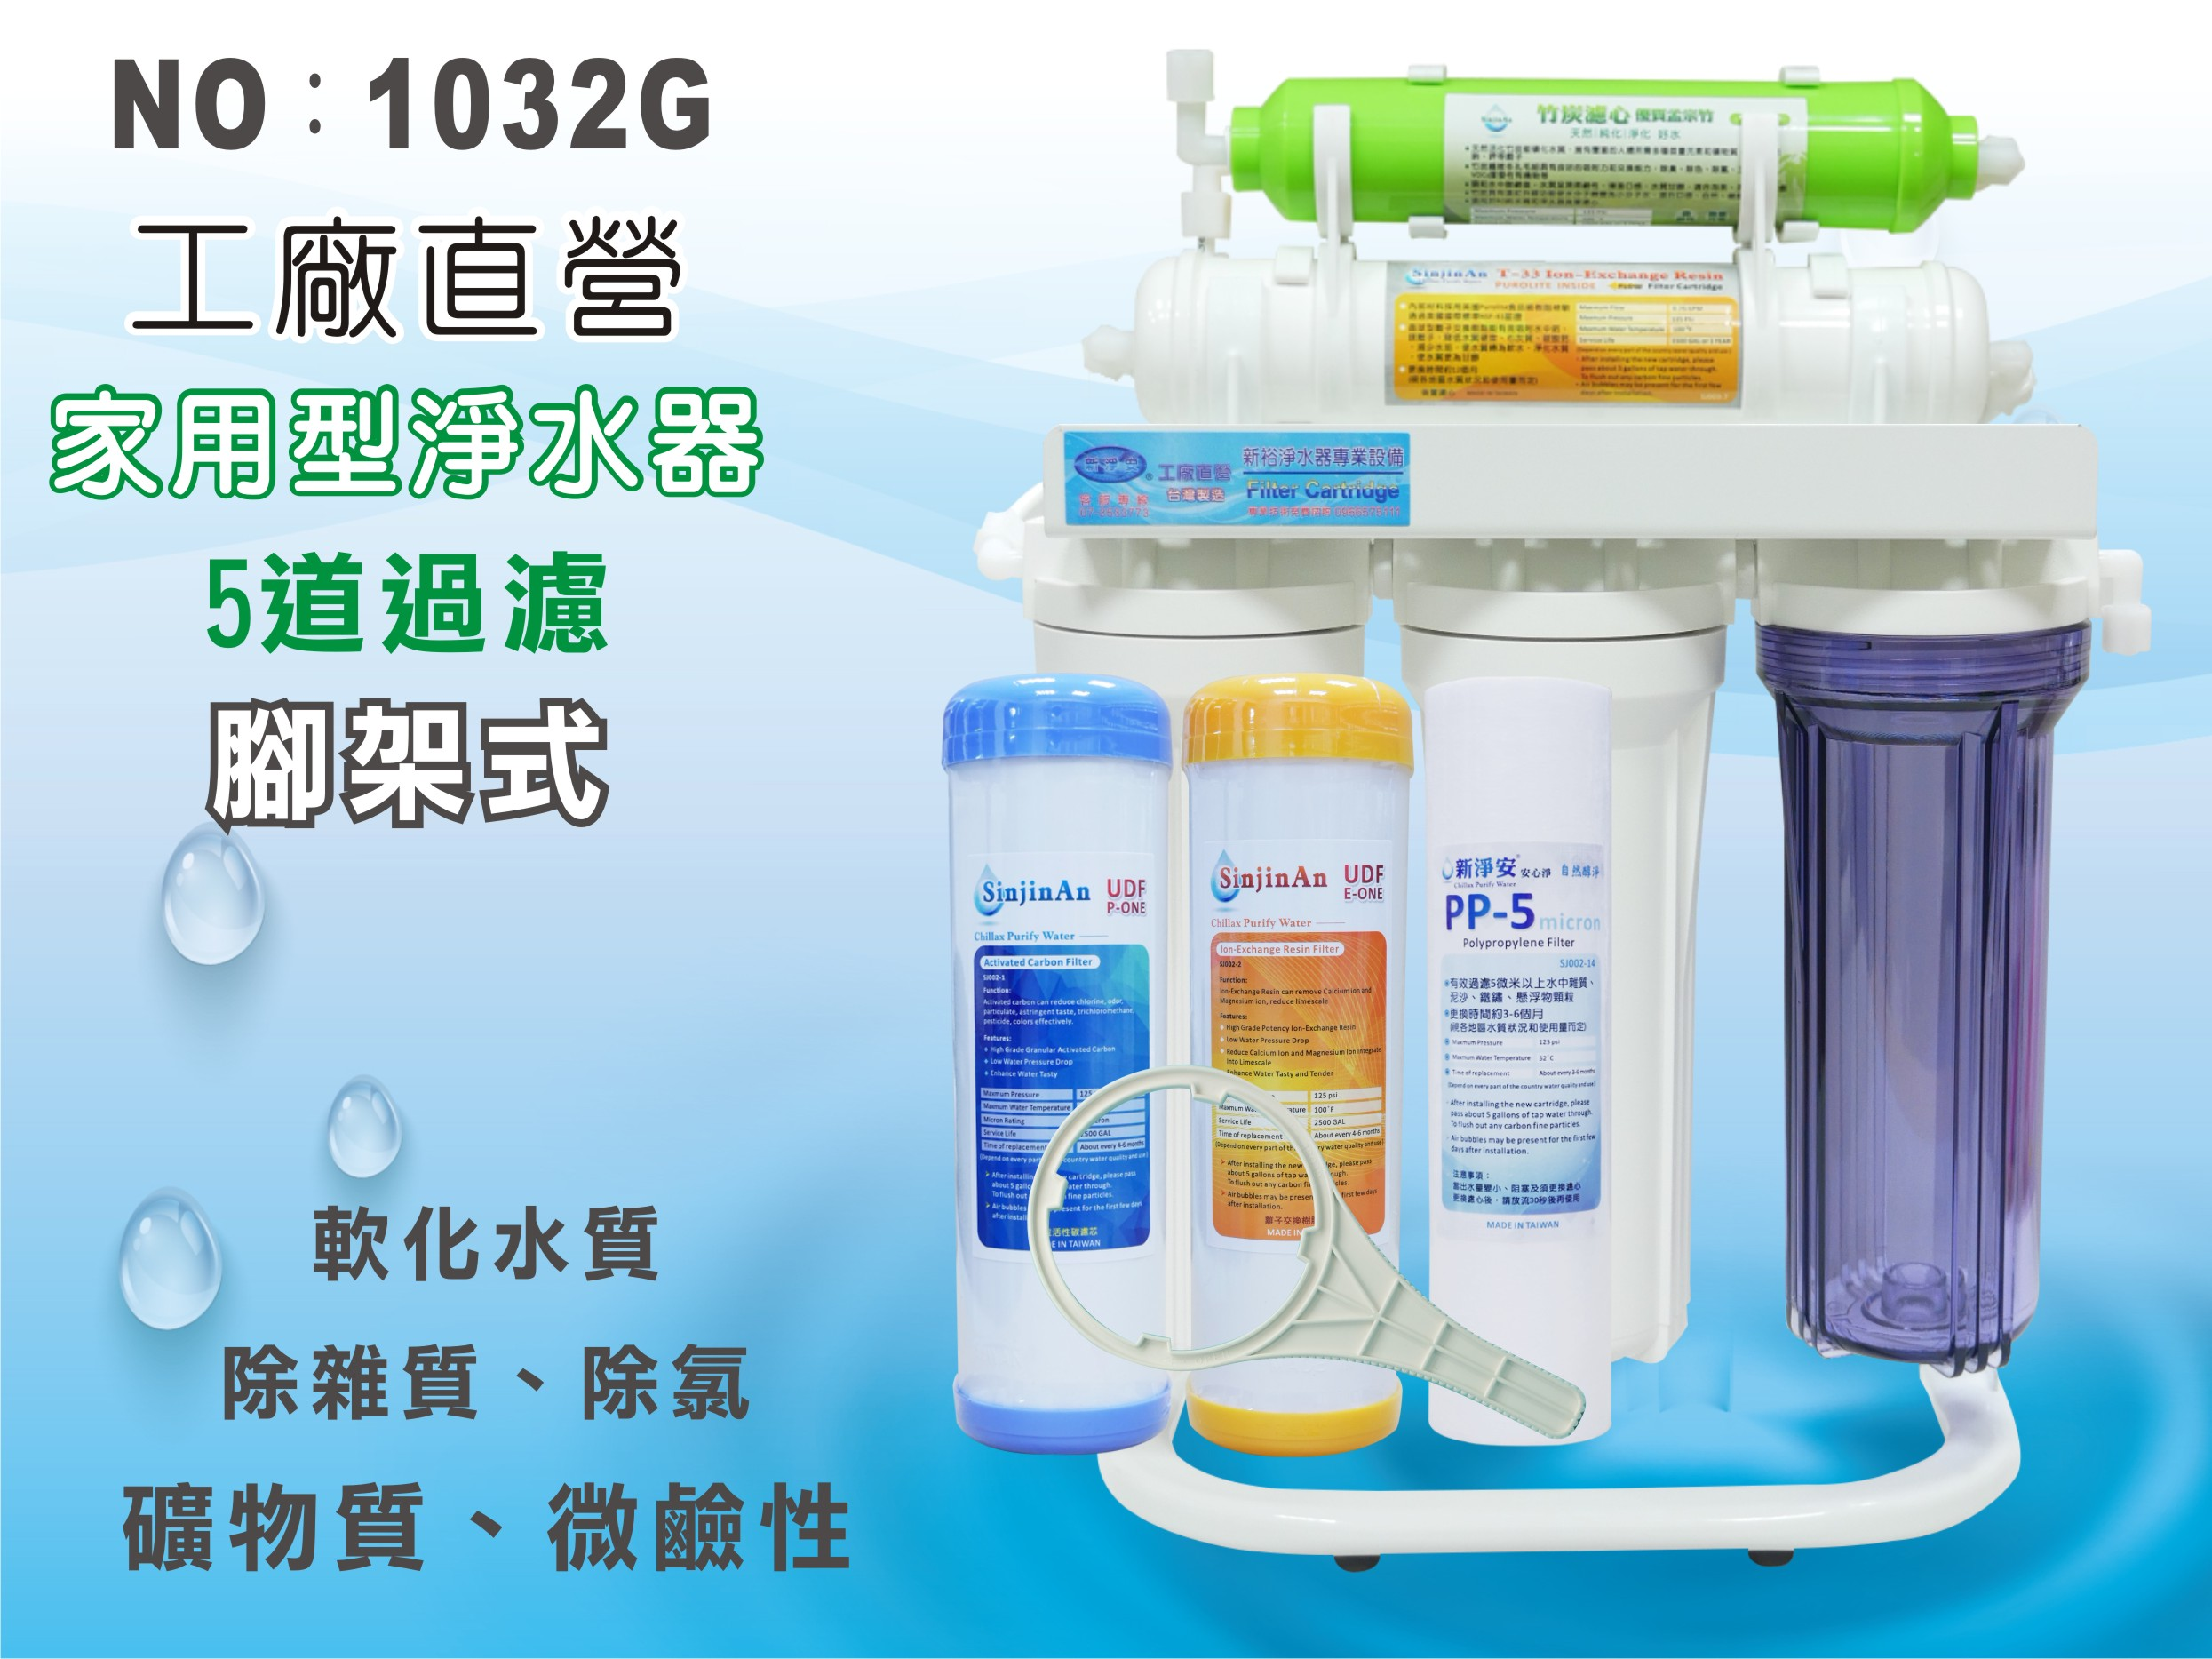 【龍門淨水】10英吋濾殼 5道過濾器 竹炭鹼性水 增加軟水 除氯 除異味 水質甘醇 腳架式(1032G)